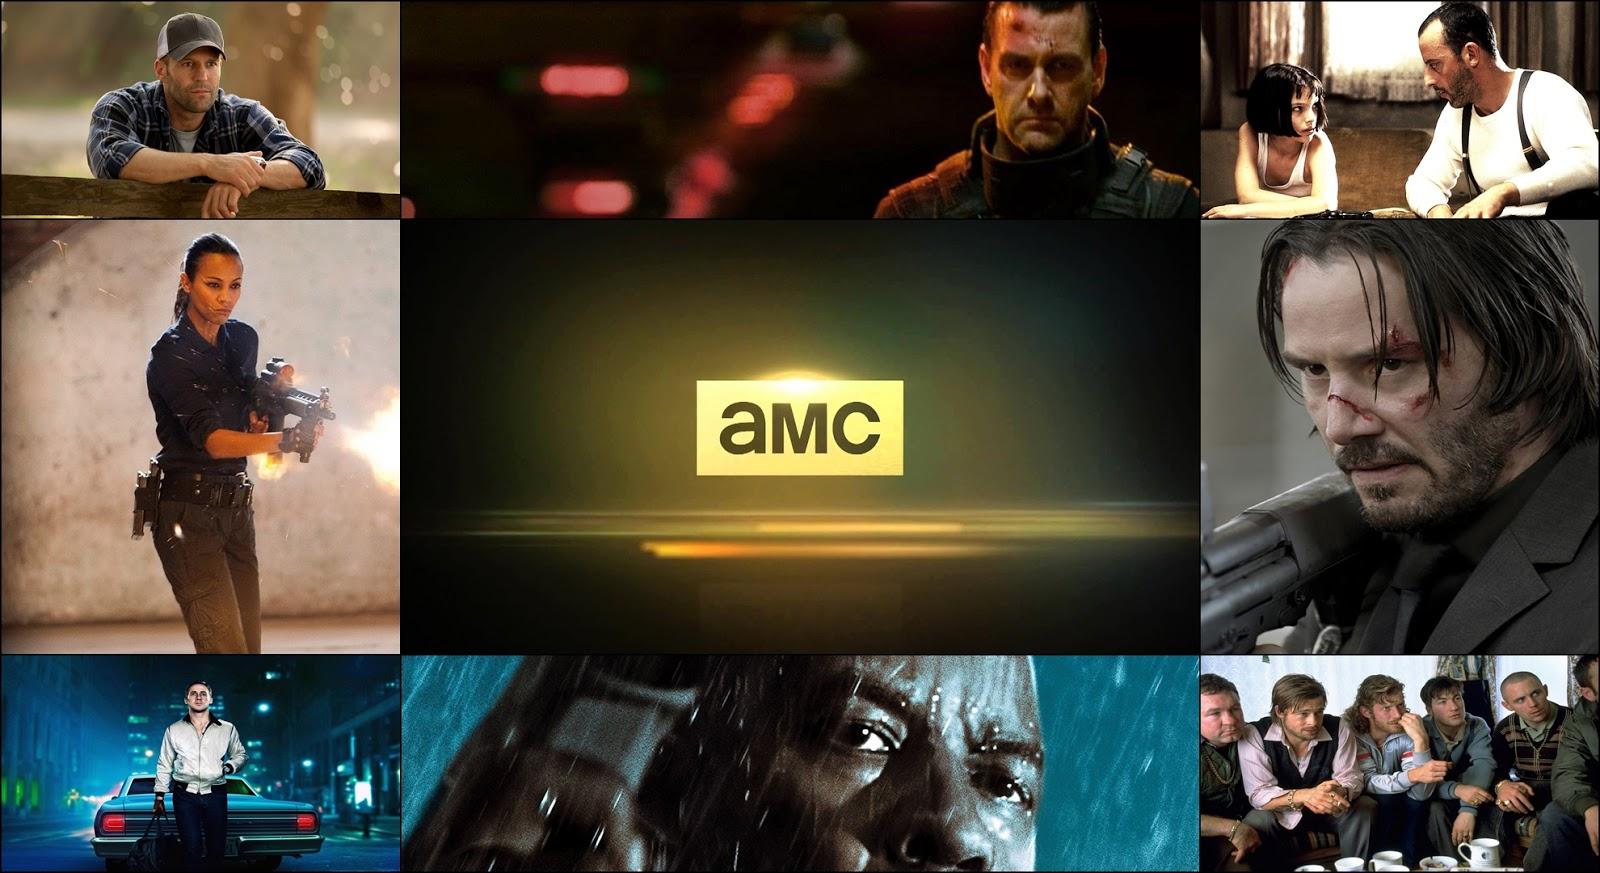 """AMC exibe coletânea de filmes de ação no especial """"Os Exterminadores"""""""